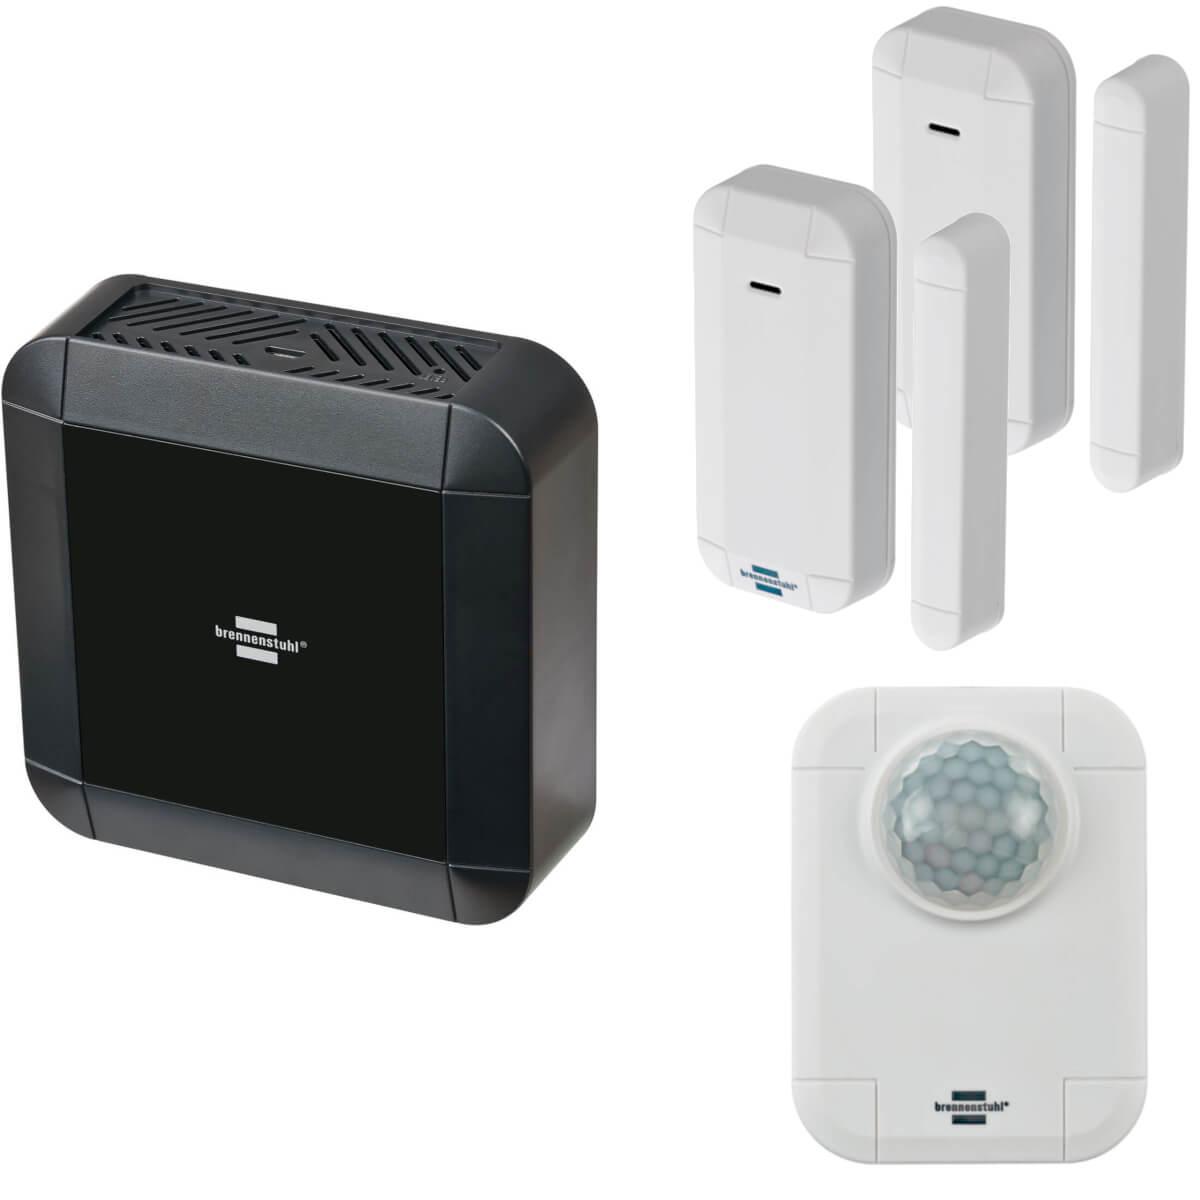 Brennenstuhl BrematicPRO Starter Set Überwachung - Gateway + 1 x Bewegungsmelder + 2 x Kontakt